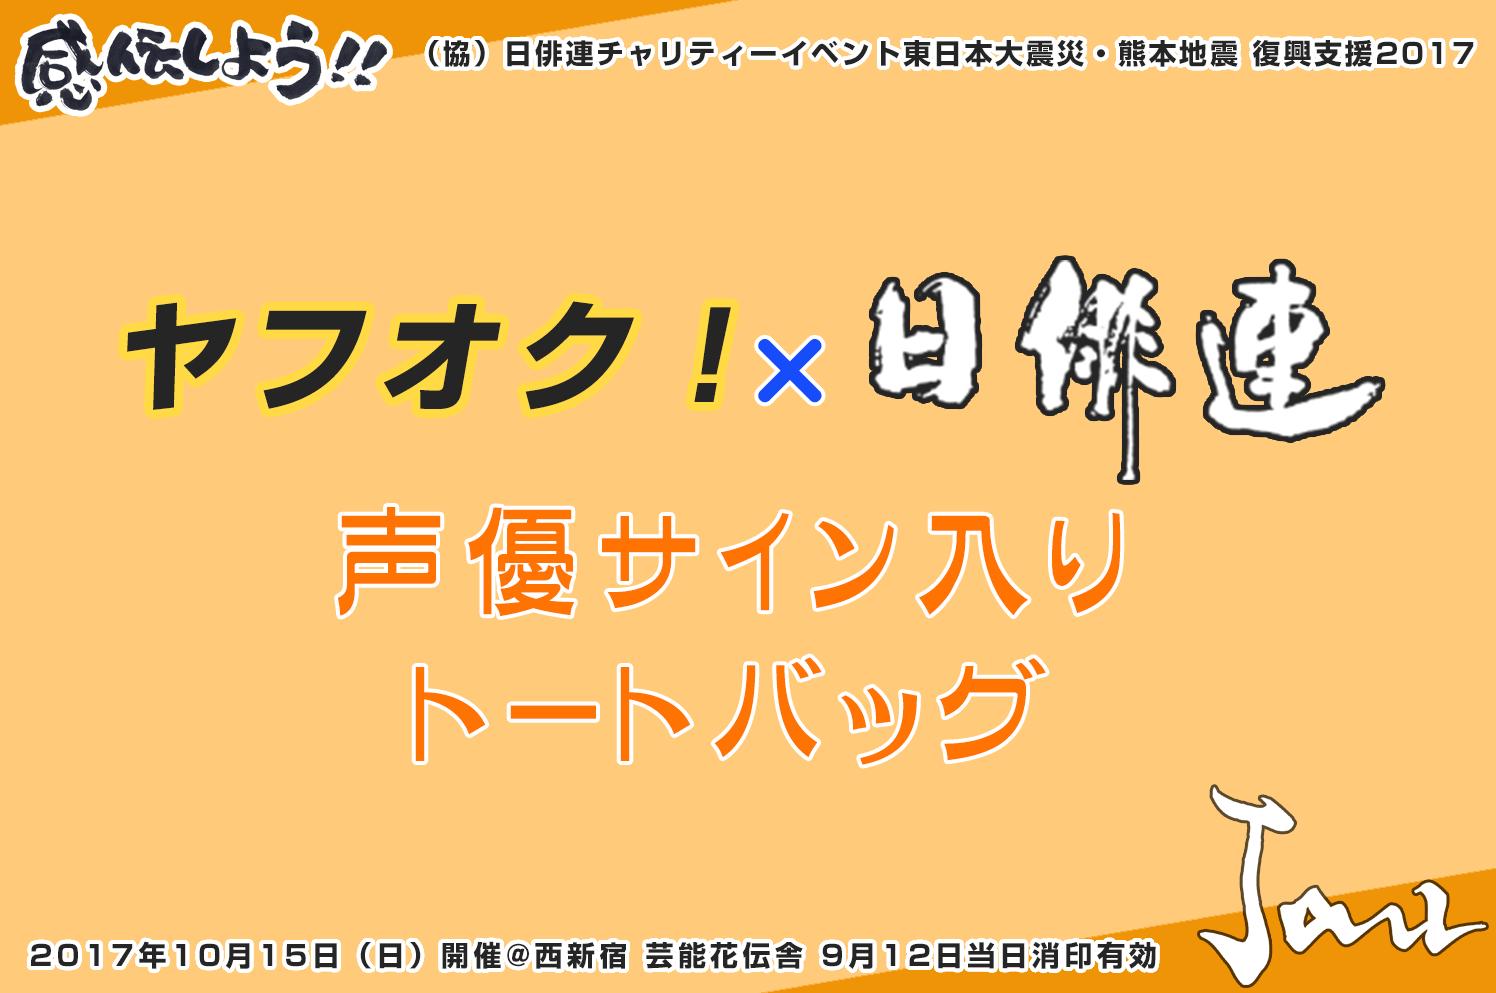 ヤフオク!×日俳連『声優サイン入りトートバッグ』